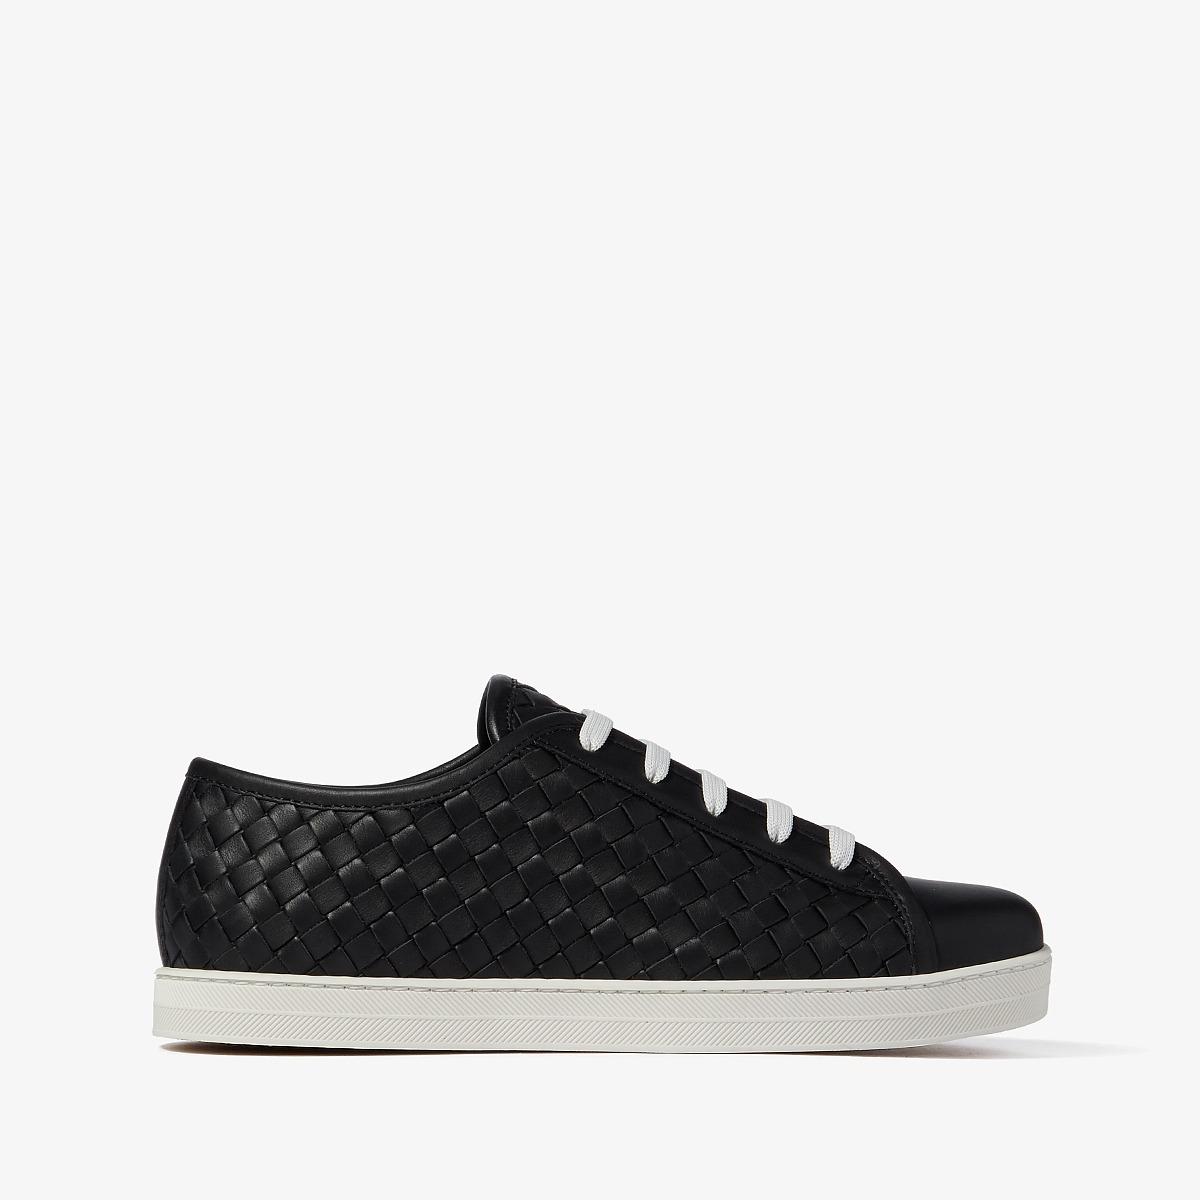 Bottega Veneta Intrecciato Lace-Up Sneaker (Black)